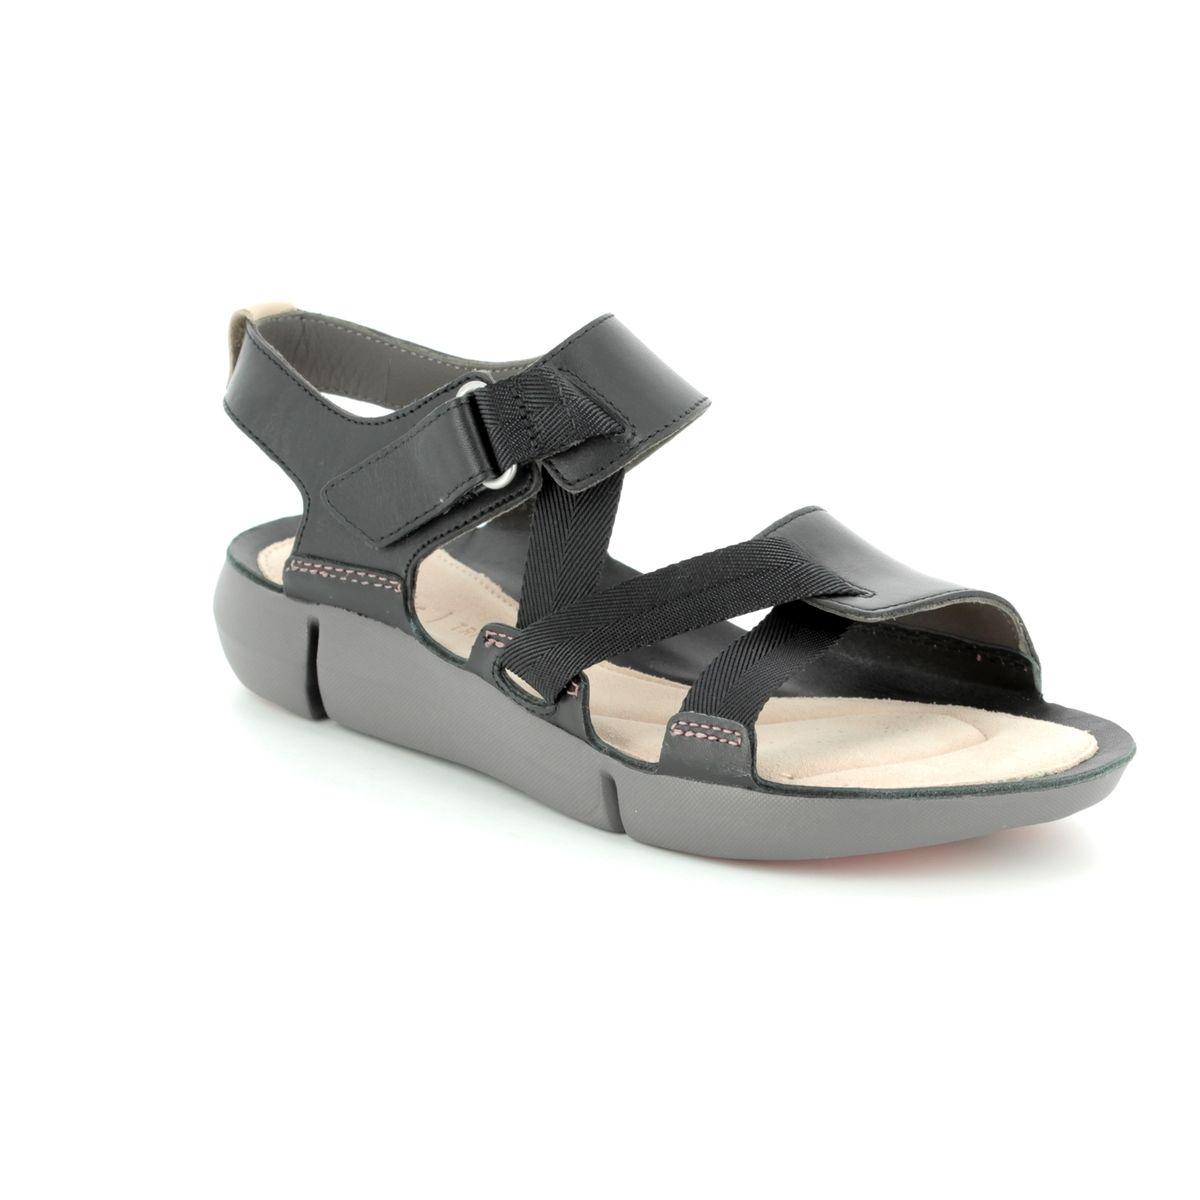 Sandals Clarks Tri D Clover Fit Black YgbIf7y6v